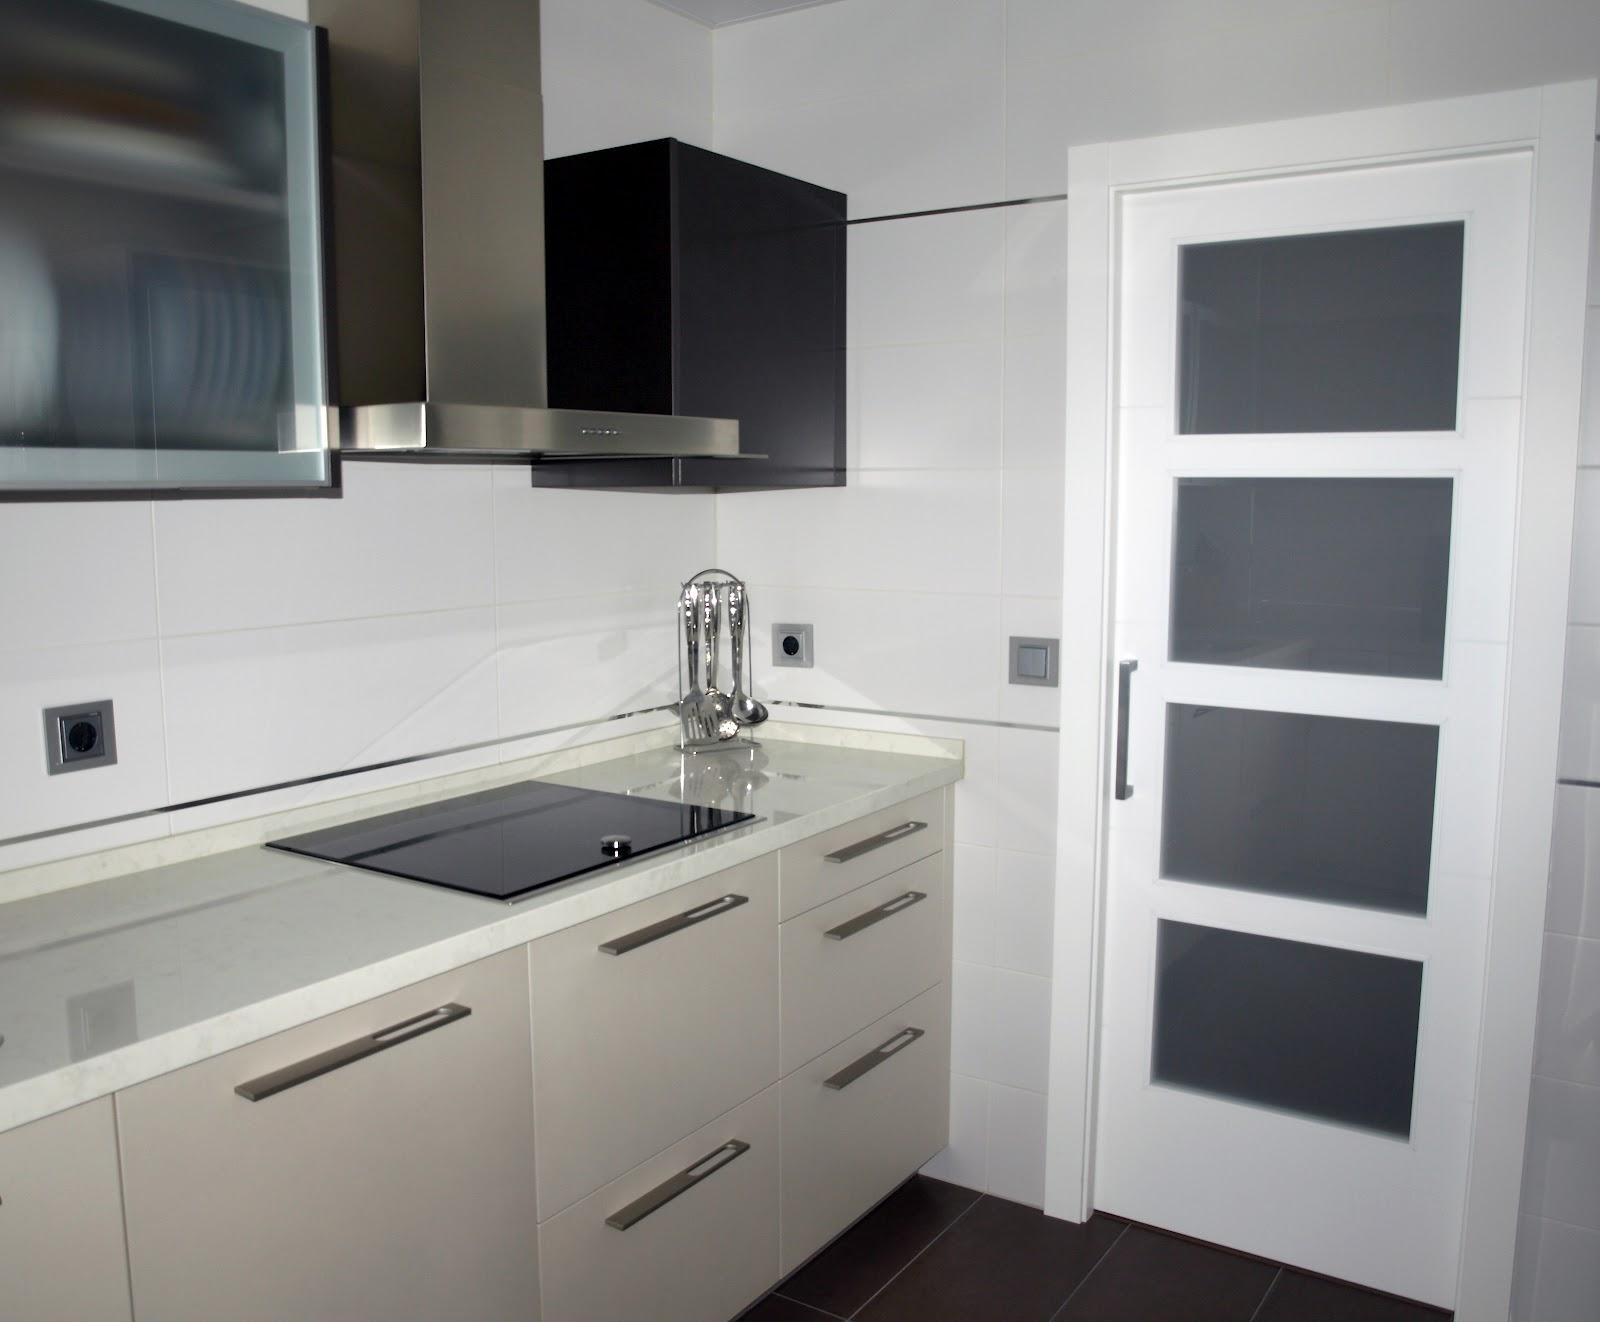 Espai decuina ripollet barcelona proyecto de cocina y ba os - Columna horno y microondas ...